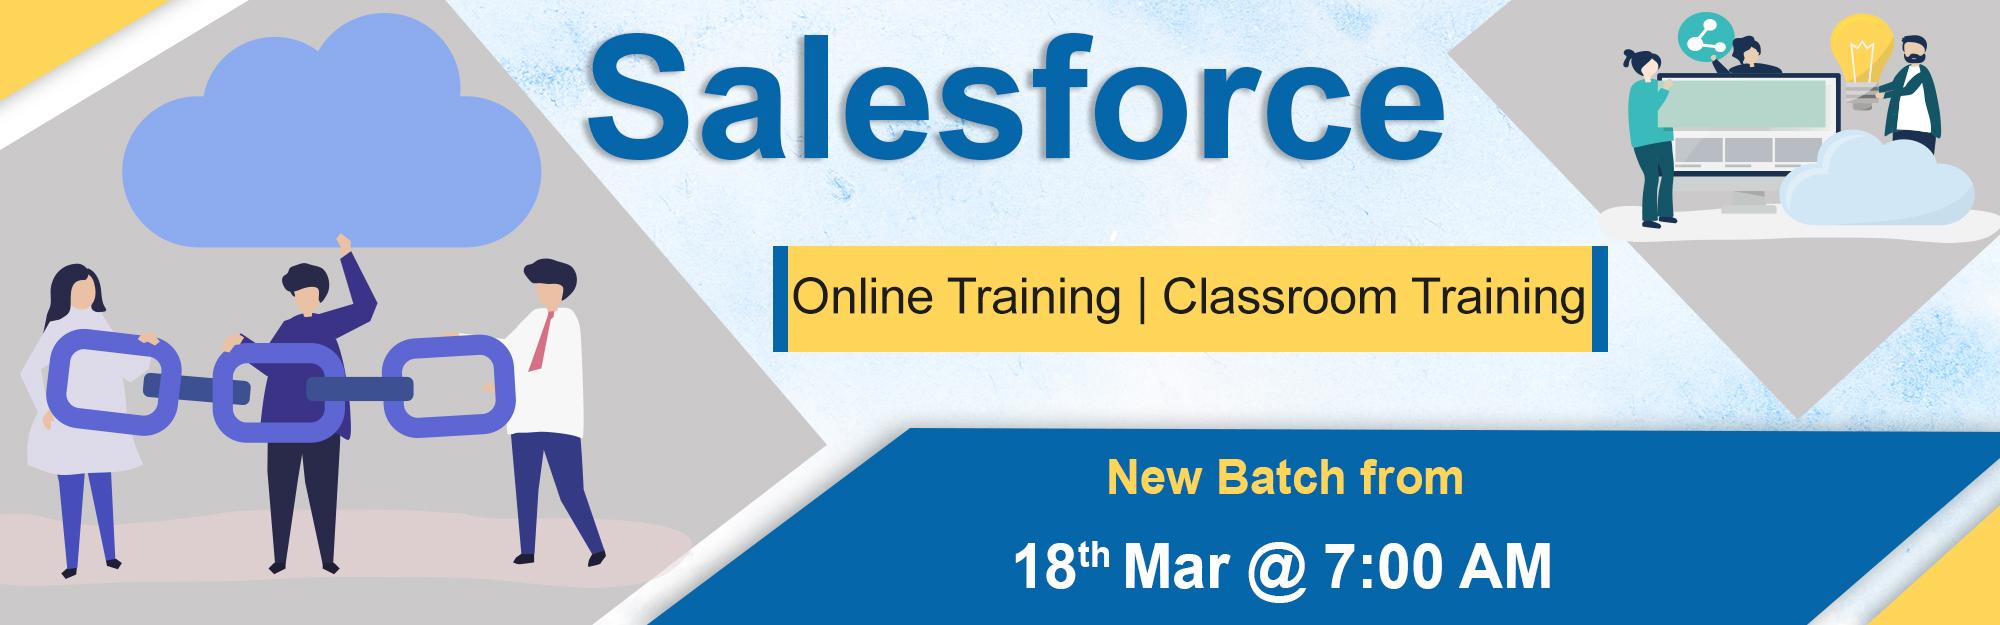 Salesforce-Training-NareshIT